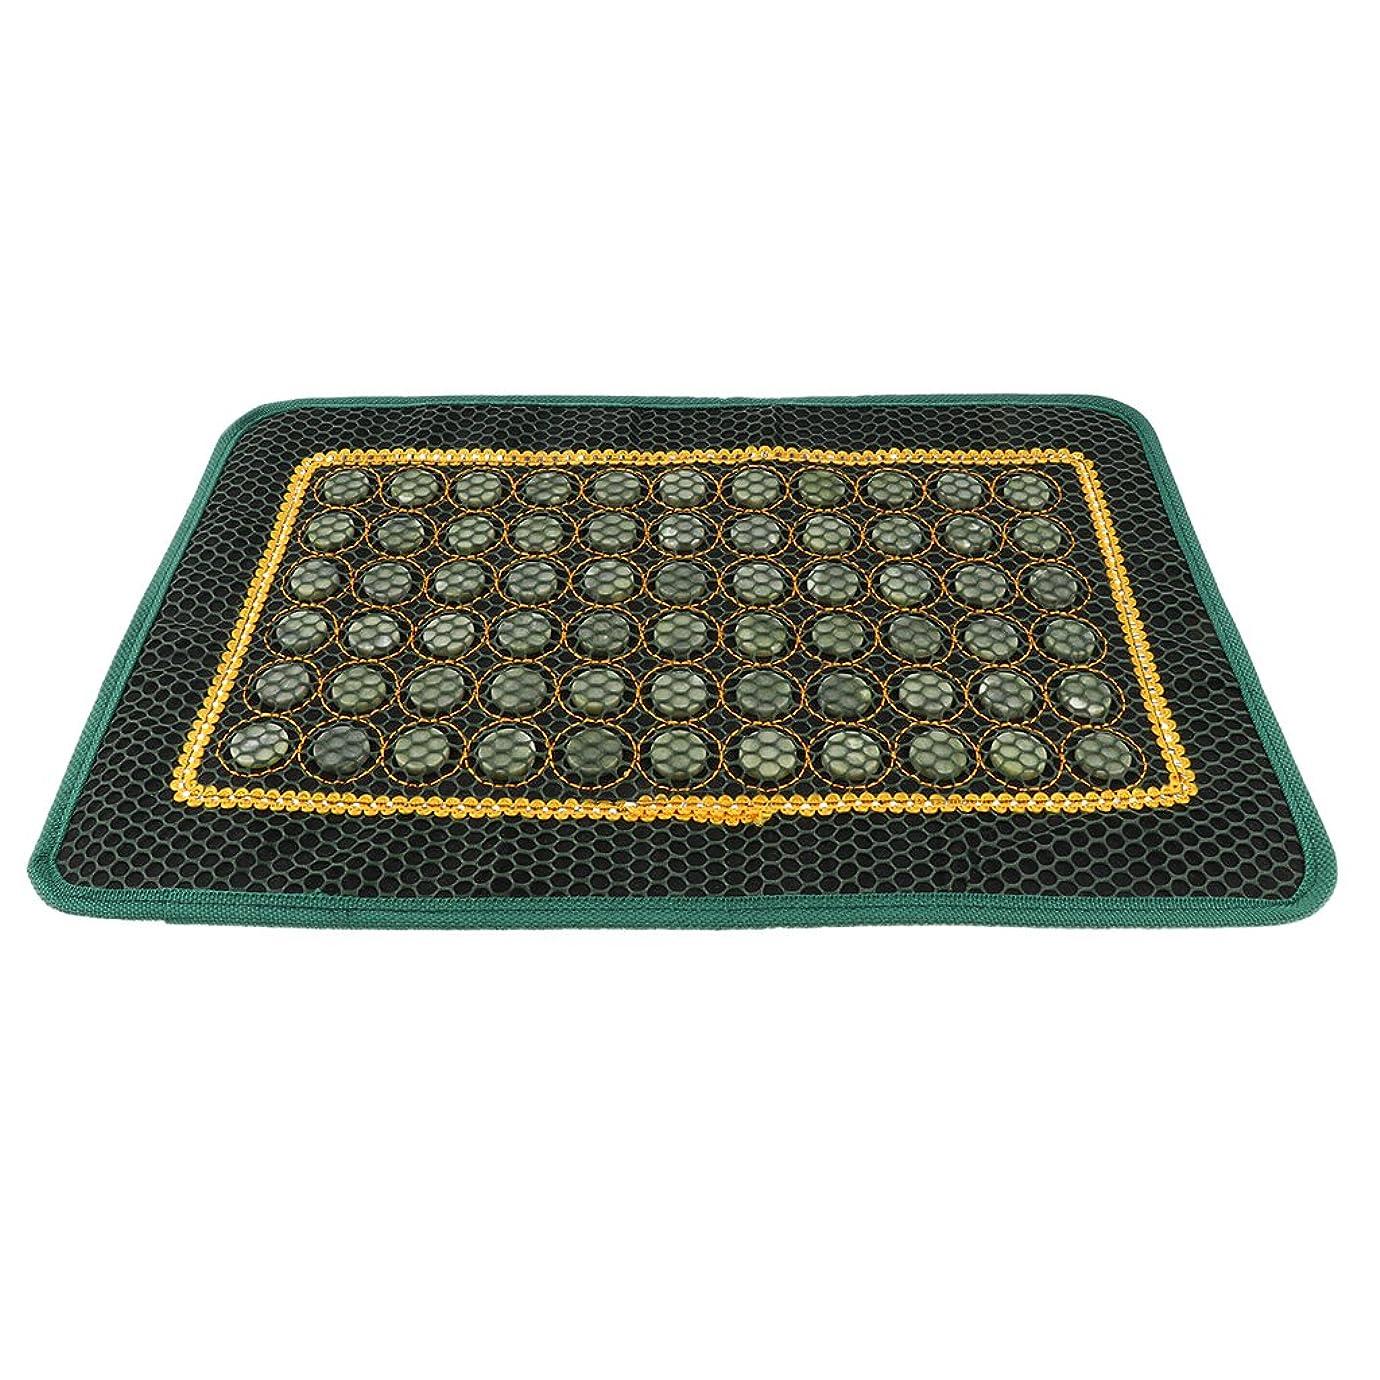 テーブルを設定する腹部マニフェストP Prettyia 枕カバー パッド 約43x27.7CM マッサージパッド 椅子 座席 夏用 天然翡翠 車の座席